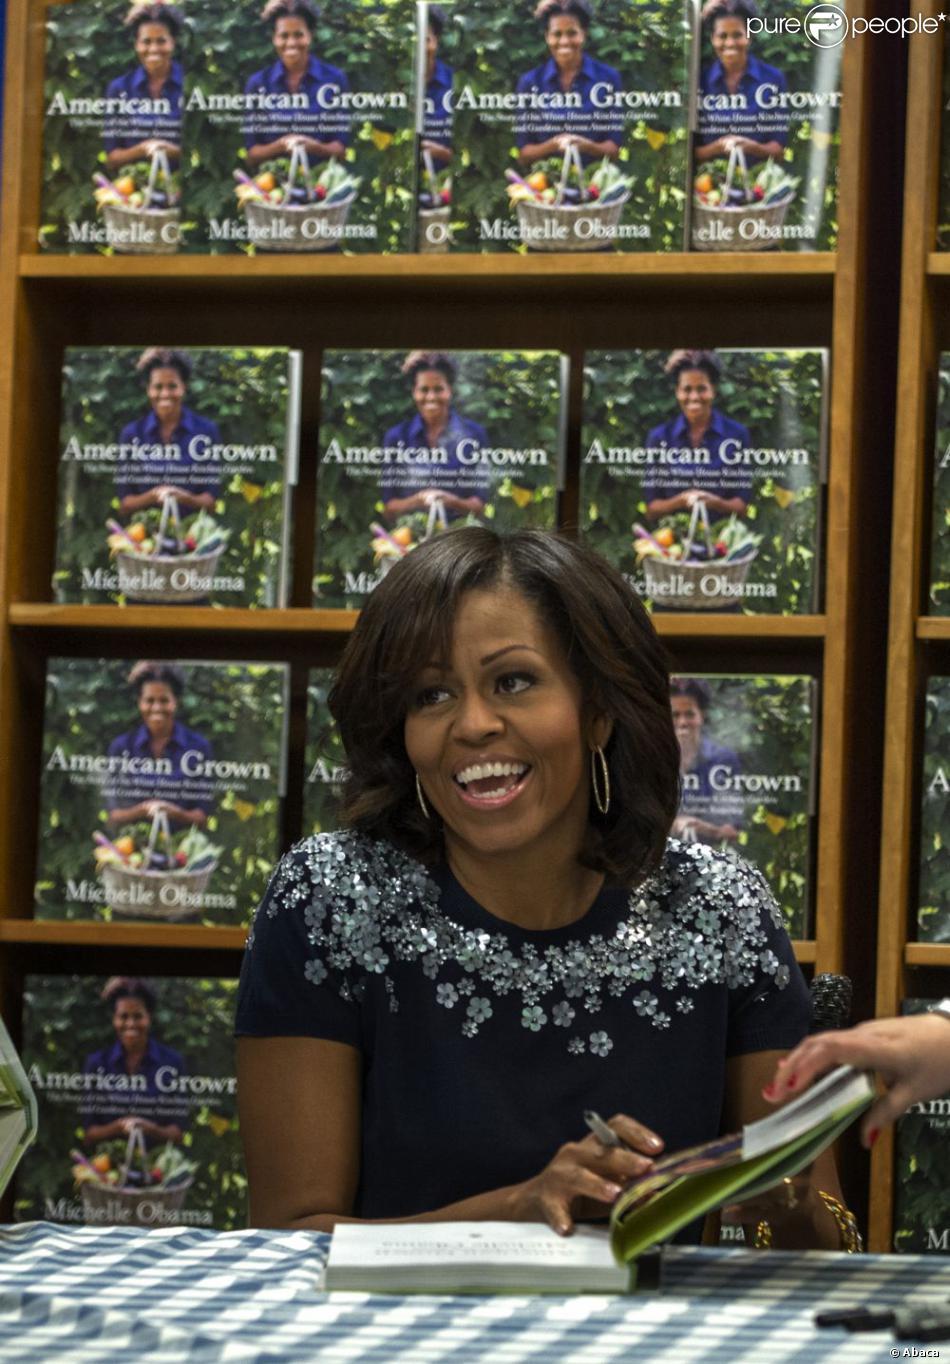 """La First Lady Michelle Obama lors d'une séance de dédicace pour son livre """"American Grown"""" dans lequel elle raconte l'histoire du potager de la Maison Blanche. Les recettes de la vente du livre seront reversées à la fondation Park Foundation. La dédicace s'est déroulée le 7 mai 2013 à Washington."""